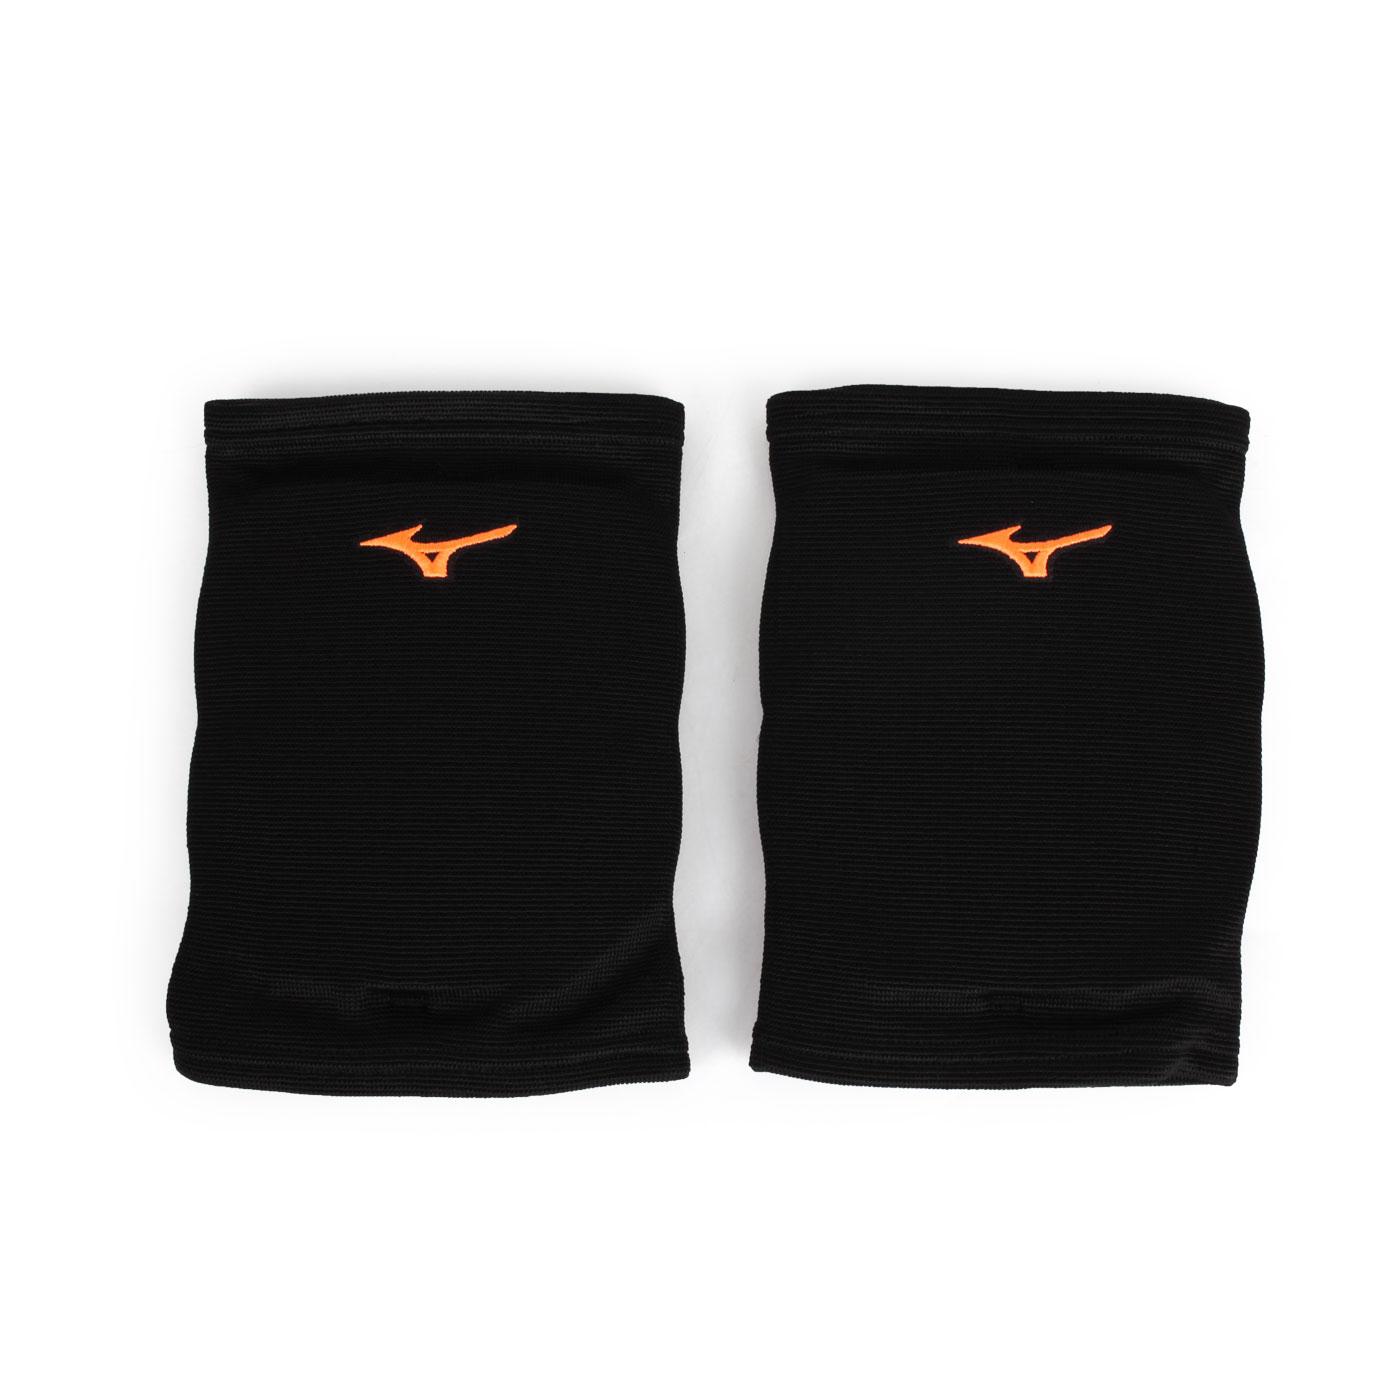 MIZUNO 成人用護膝 V2TY800609 - 黑橘